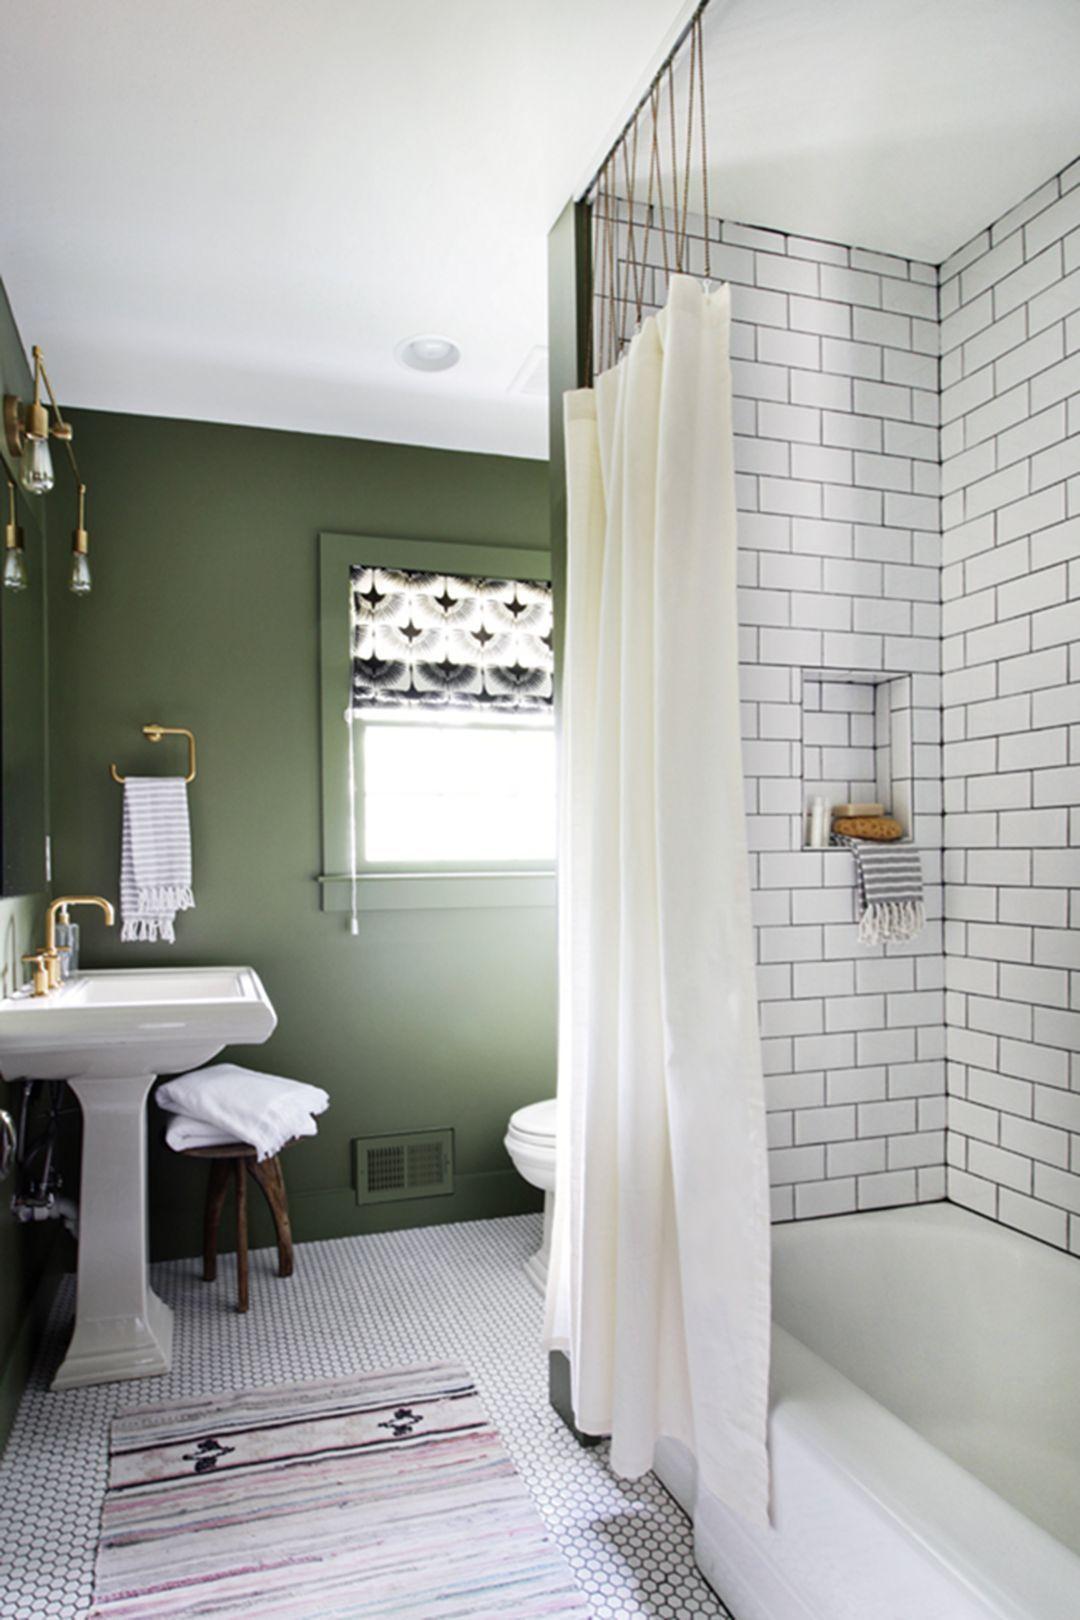 Bathroom Shower Curtain Ideas In 2020 Bathroom Decor Apartment